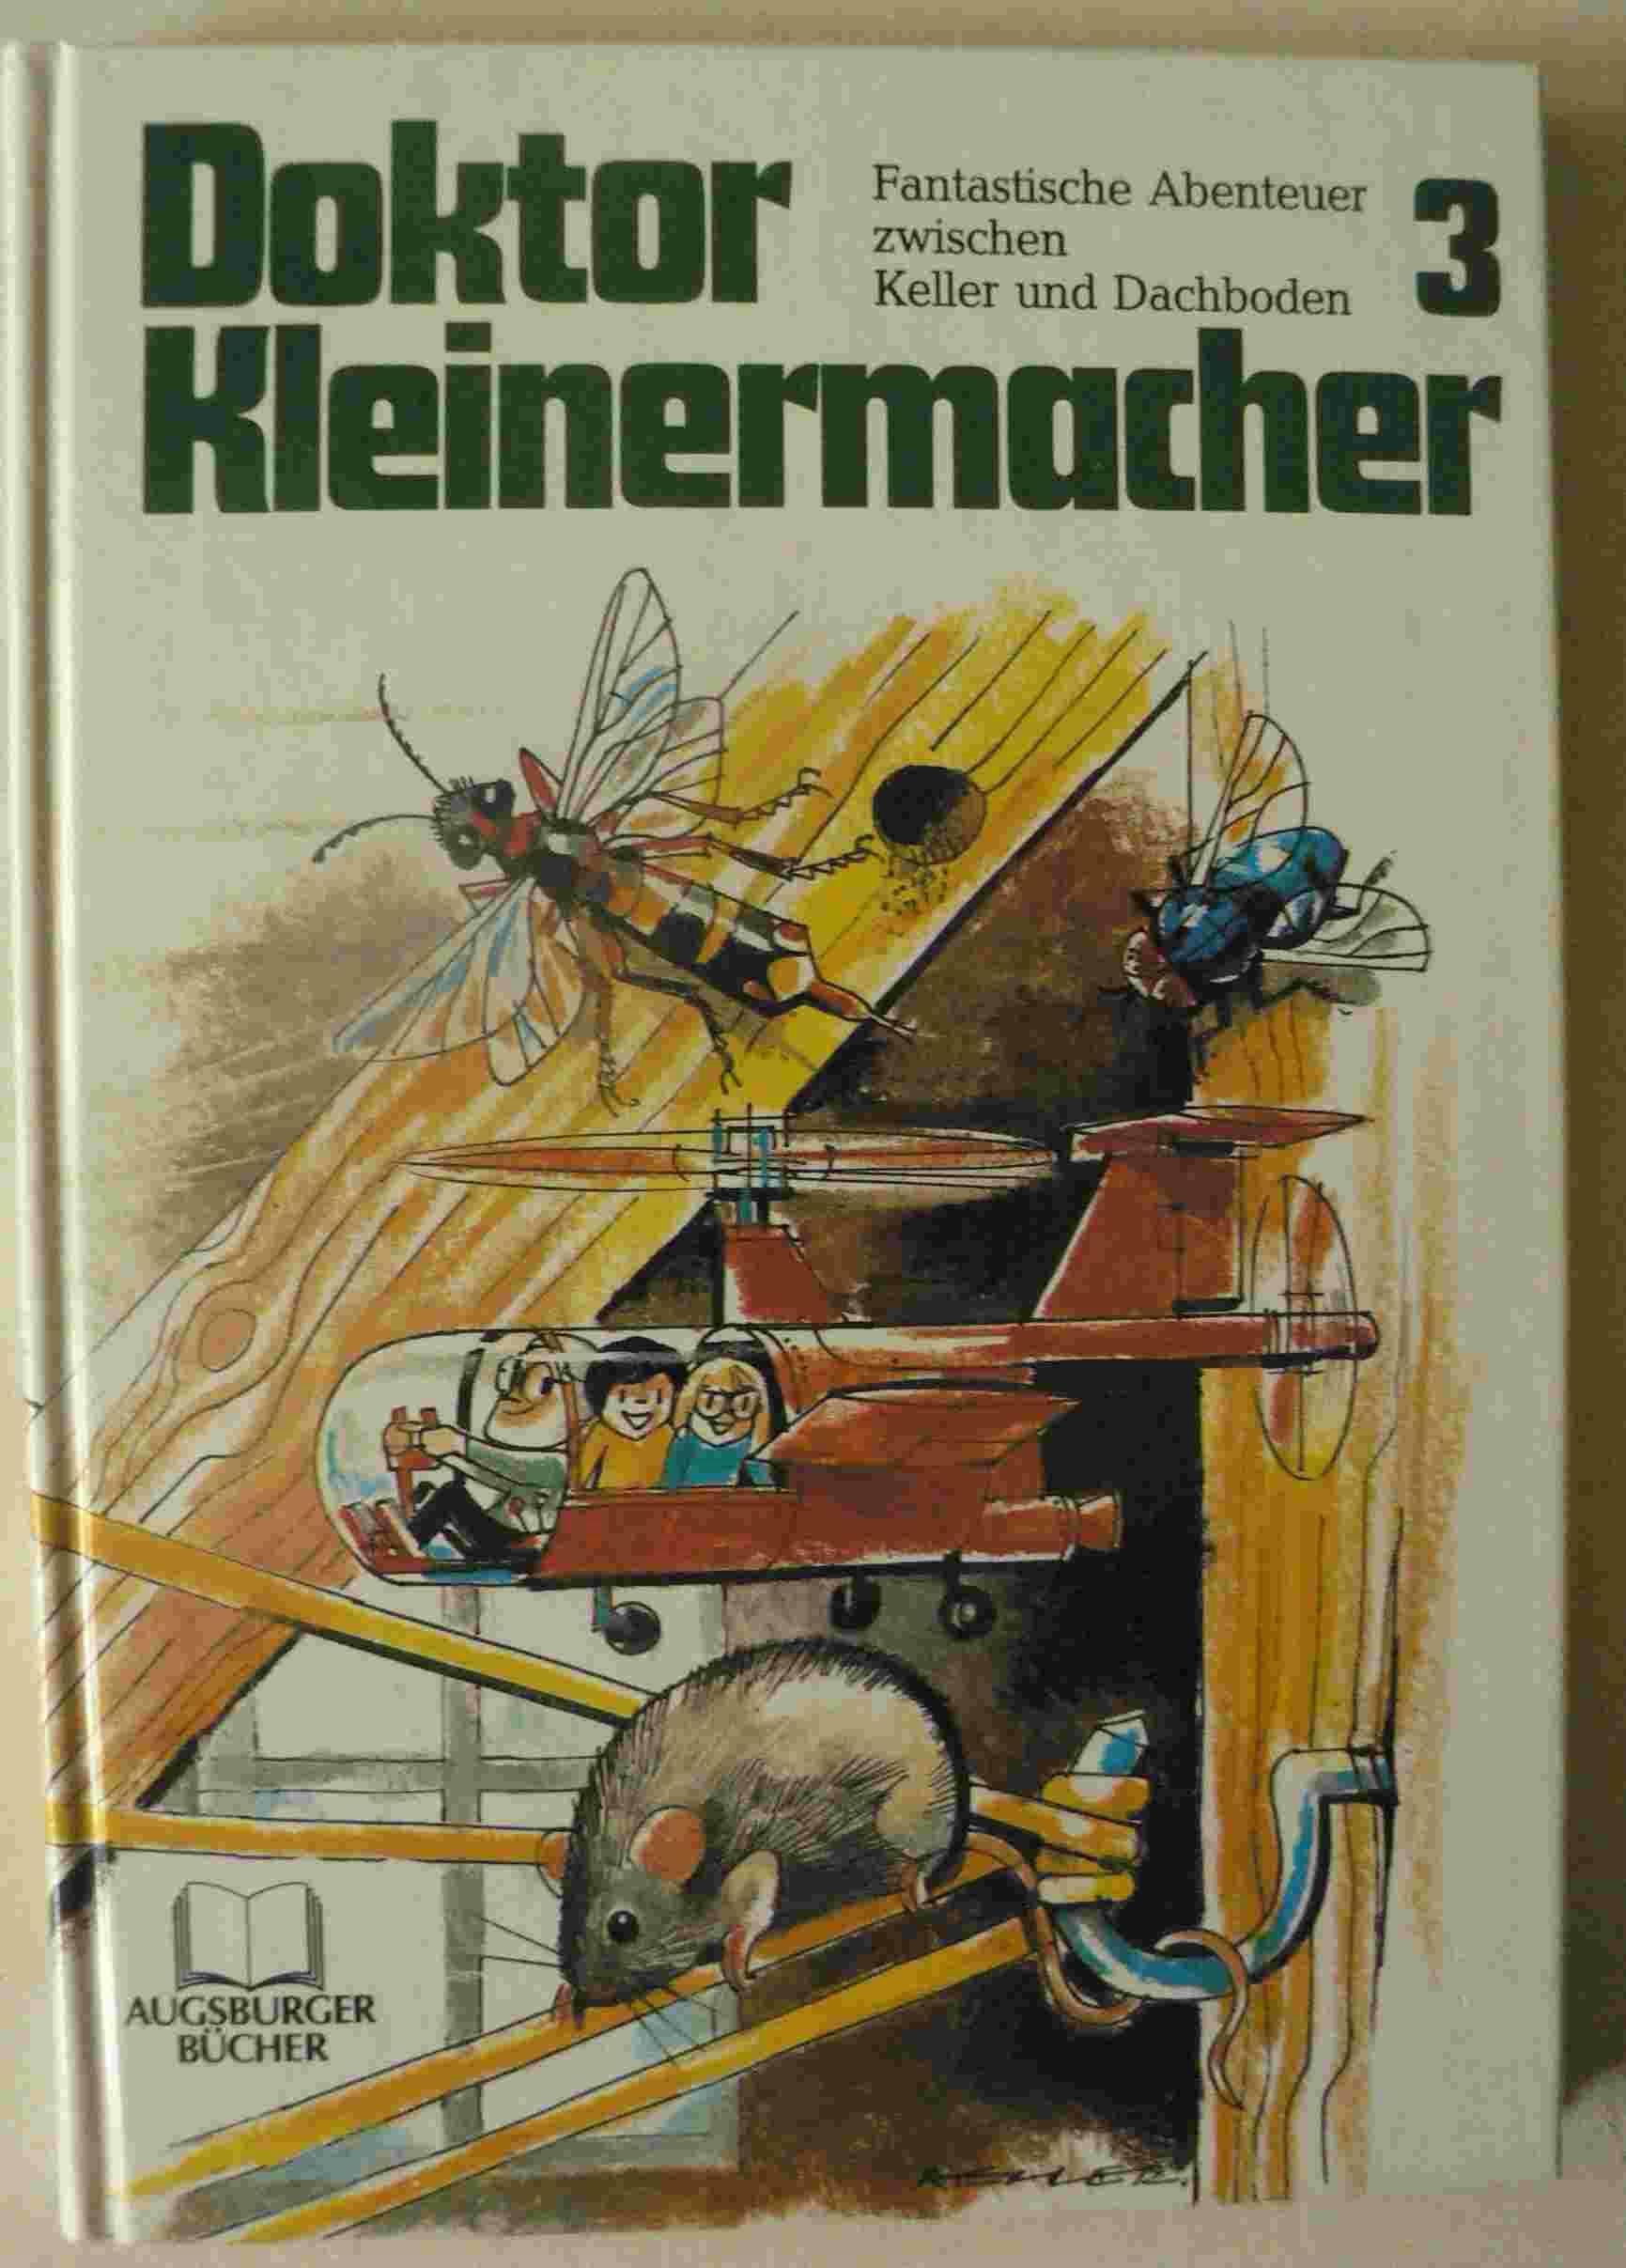 Doktor Kleinermacher Band 3. Fantastische Abenteuer zwischen Keller und Dachboden